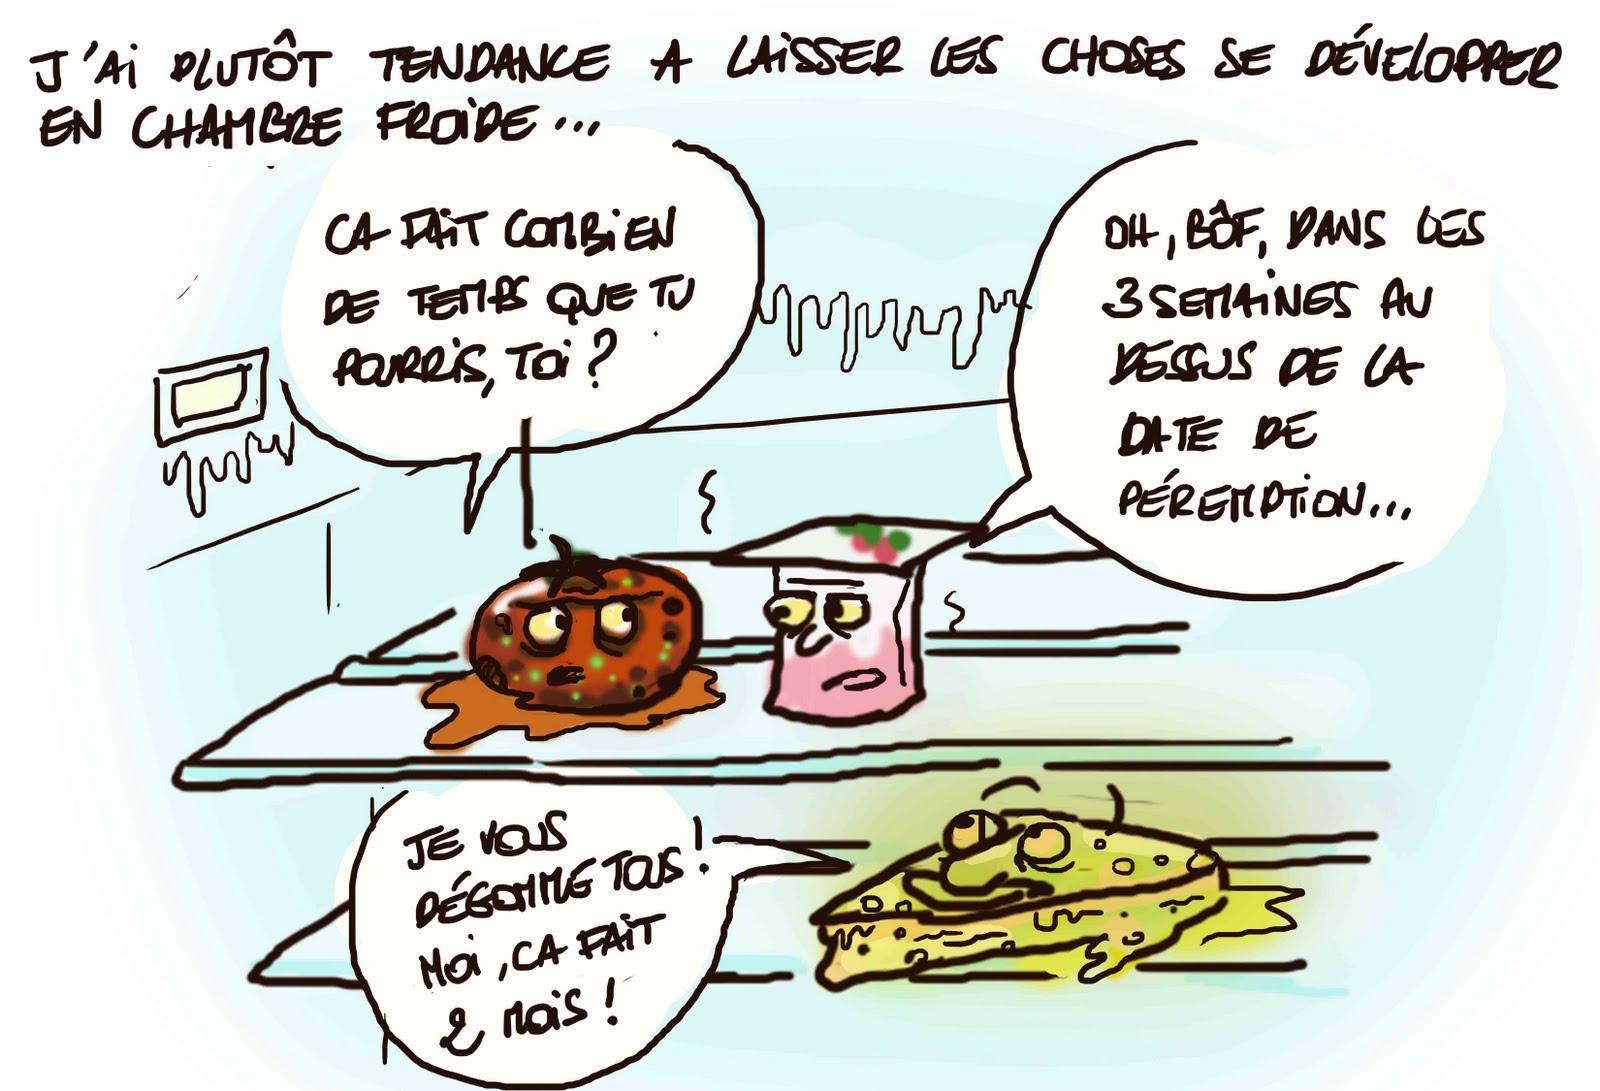 Illu et cie 03 01 2011 04 01 2011 - Enlever l odeur de moisi ...